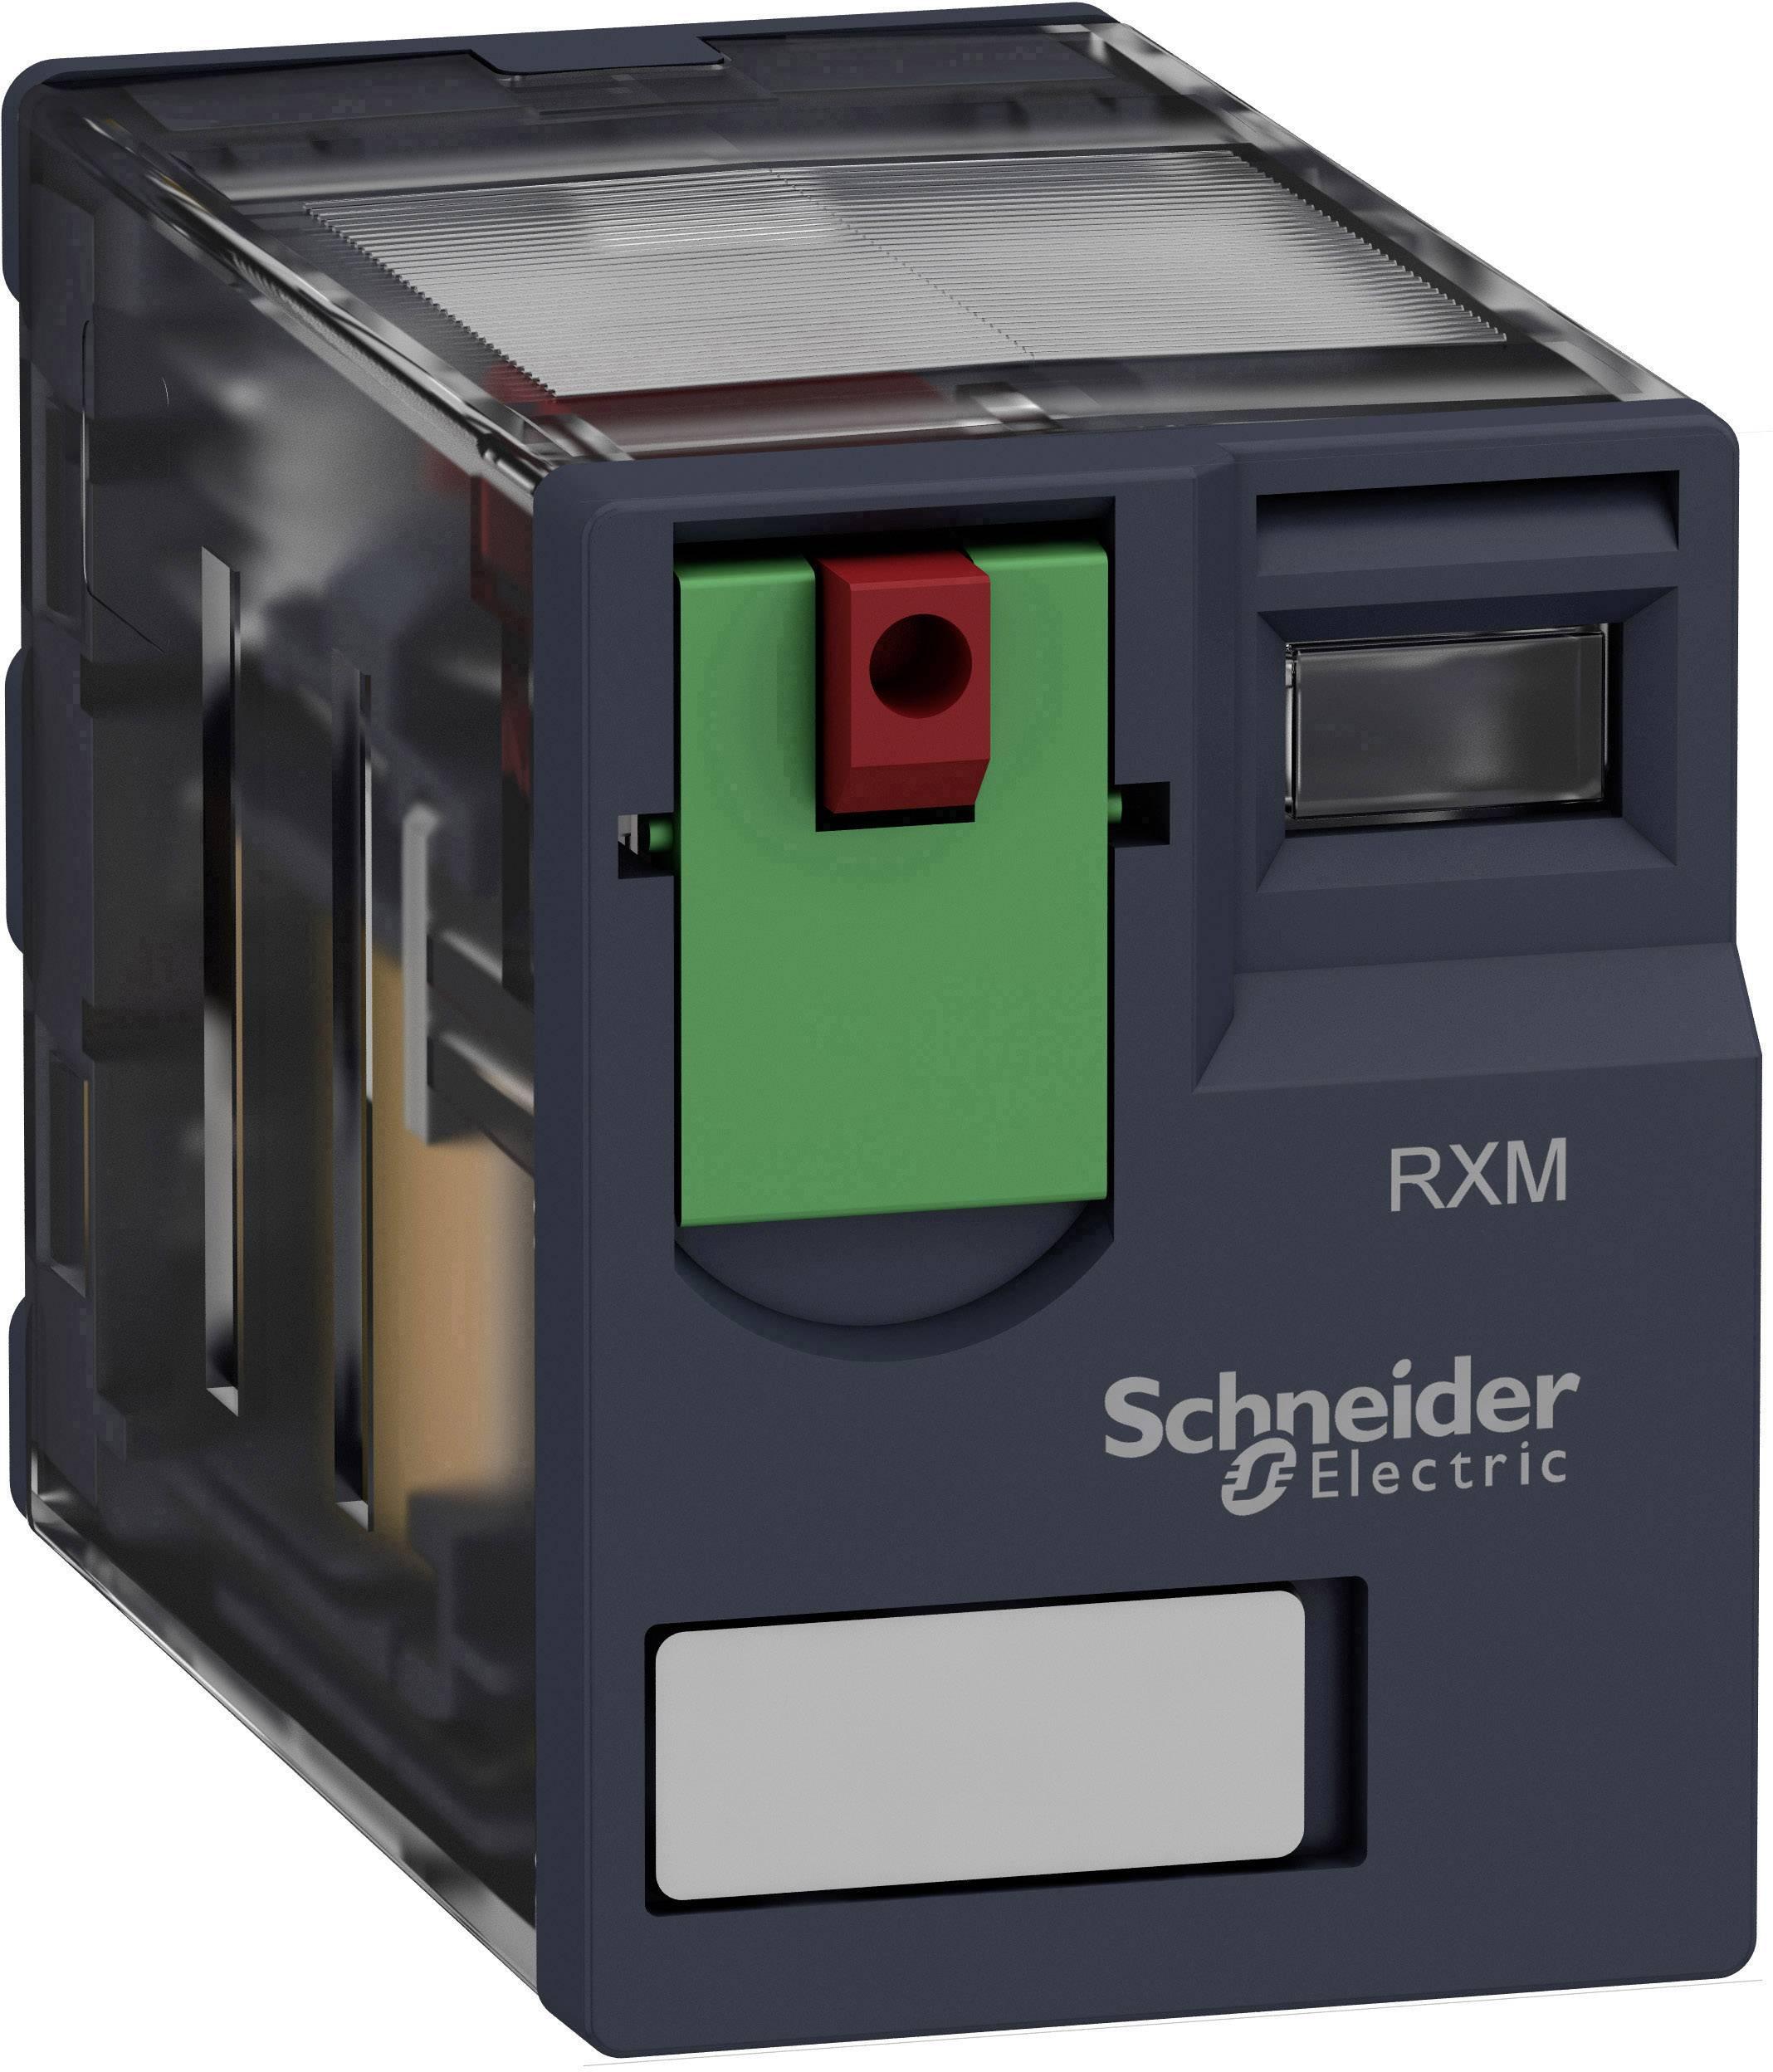 Zátěžové relé Schneider Electric RXM4AB1B7, 24 V/AC, 6 A, 4 rozpínací kontakty, 4 spínací kontakty, 1 ks